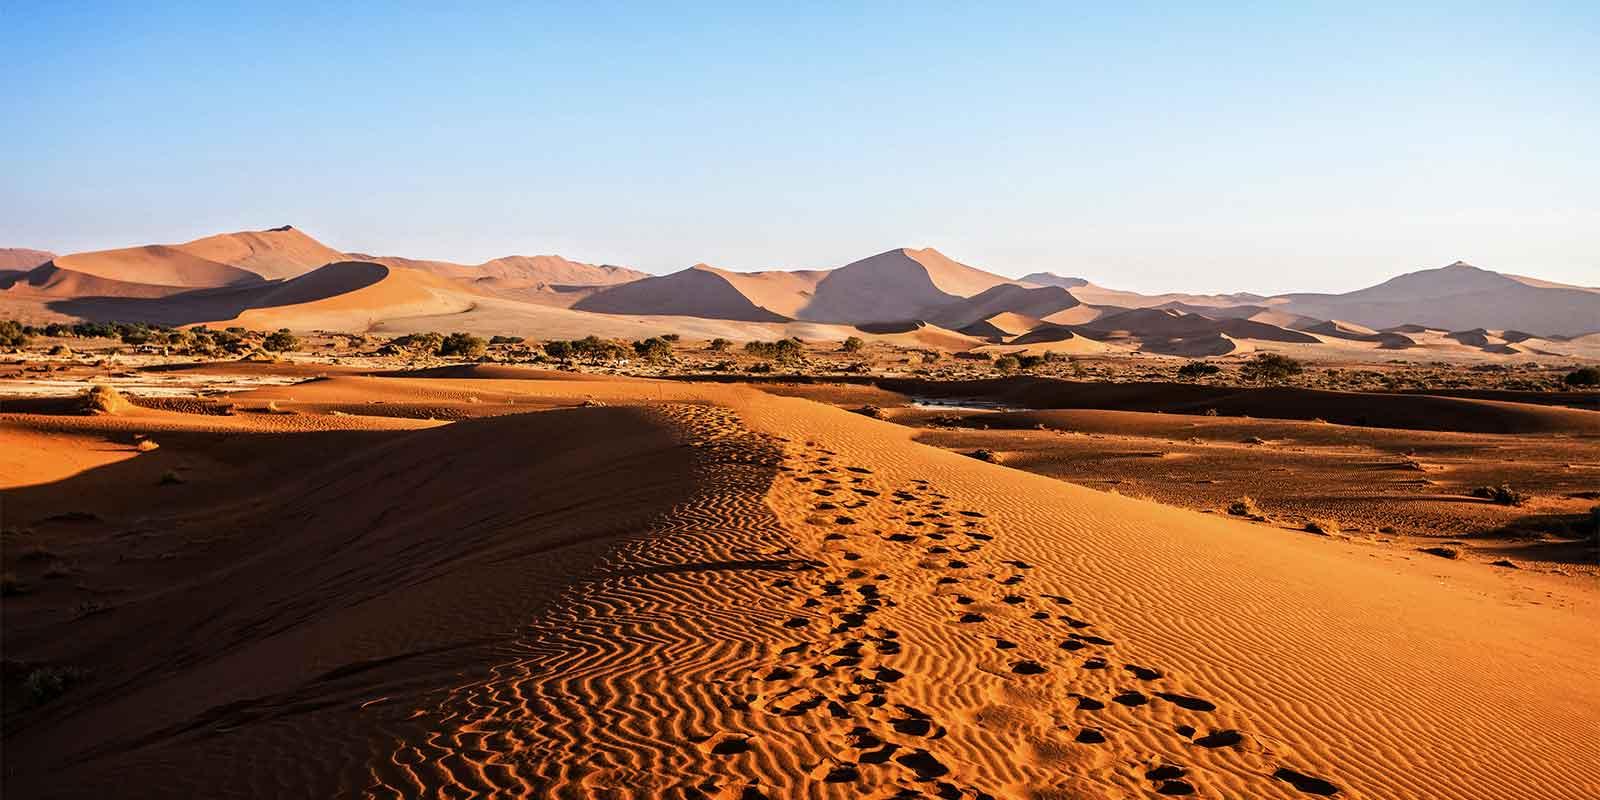 Footprints on sand dune in Namib desert